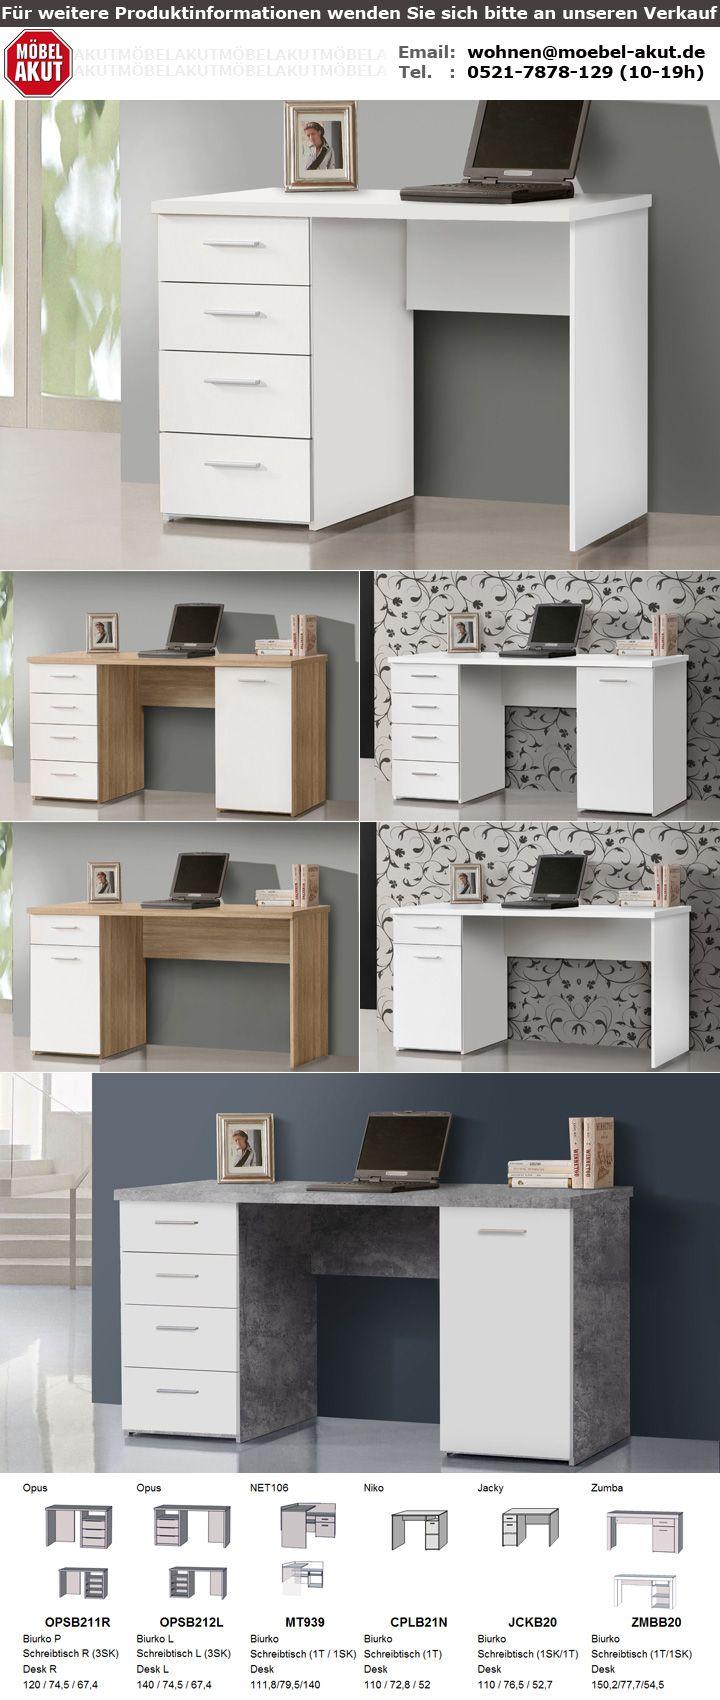 schreibtisch net106 b rotisch in sonoma eiche und wei matt 140x60 cm. Black Bedroom Furniture Sets. Home Design Ideas